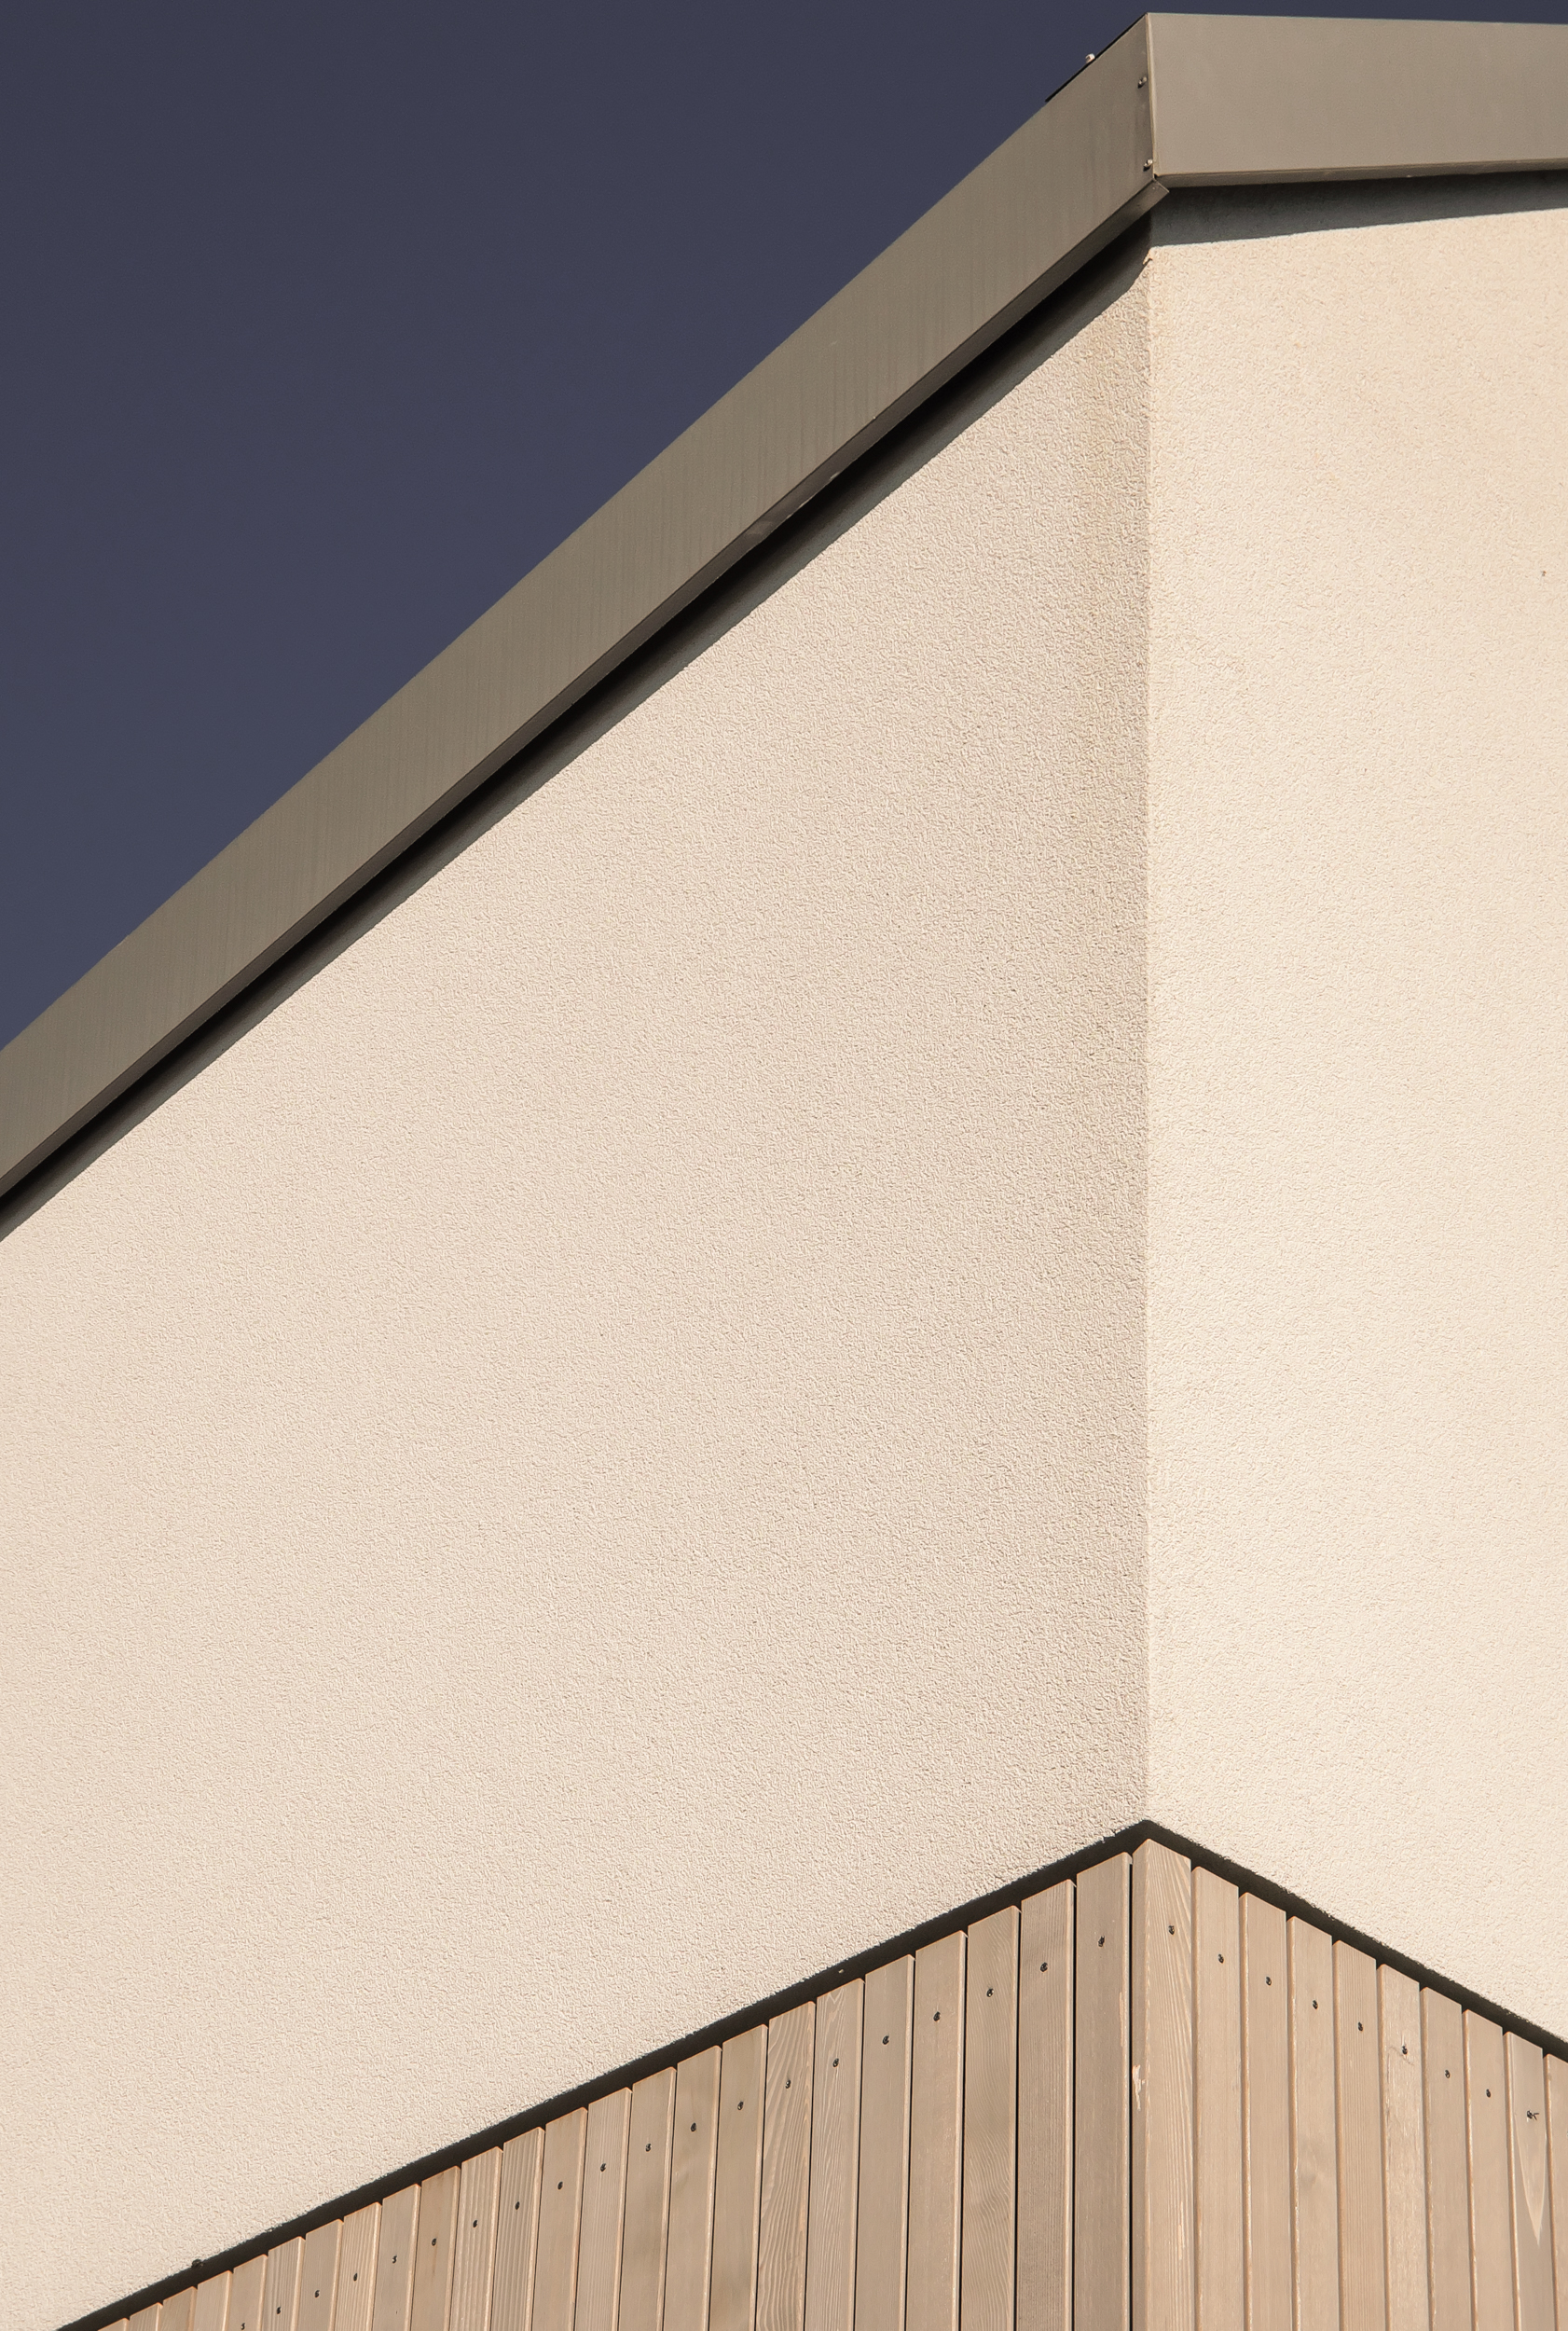 van-os-architecten-nieuwbouw-woning-Hoge-Gouw-Teteringen-houten-gevelbekleding-glad-stucwerk-en-stalen-dakbekleding